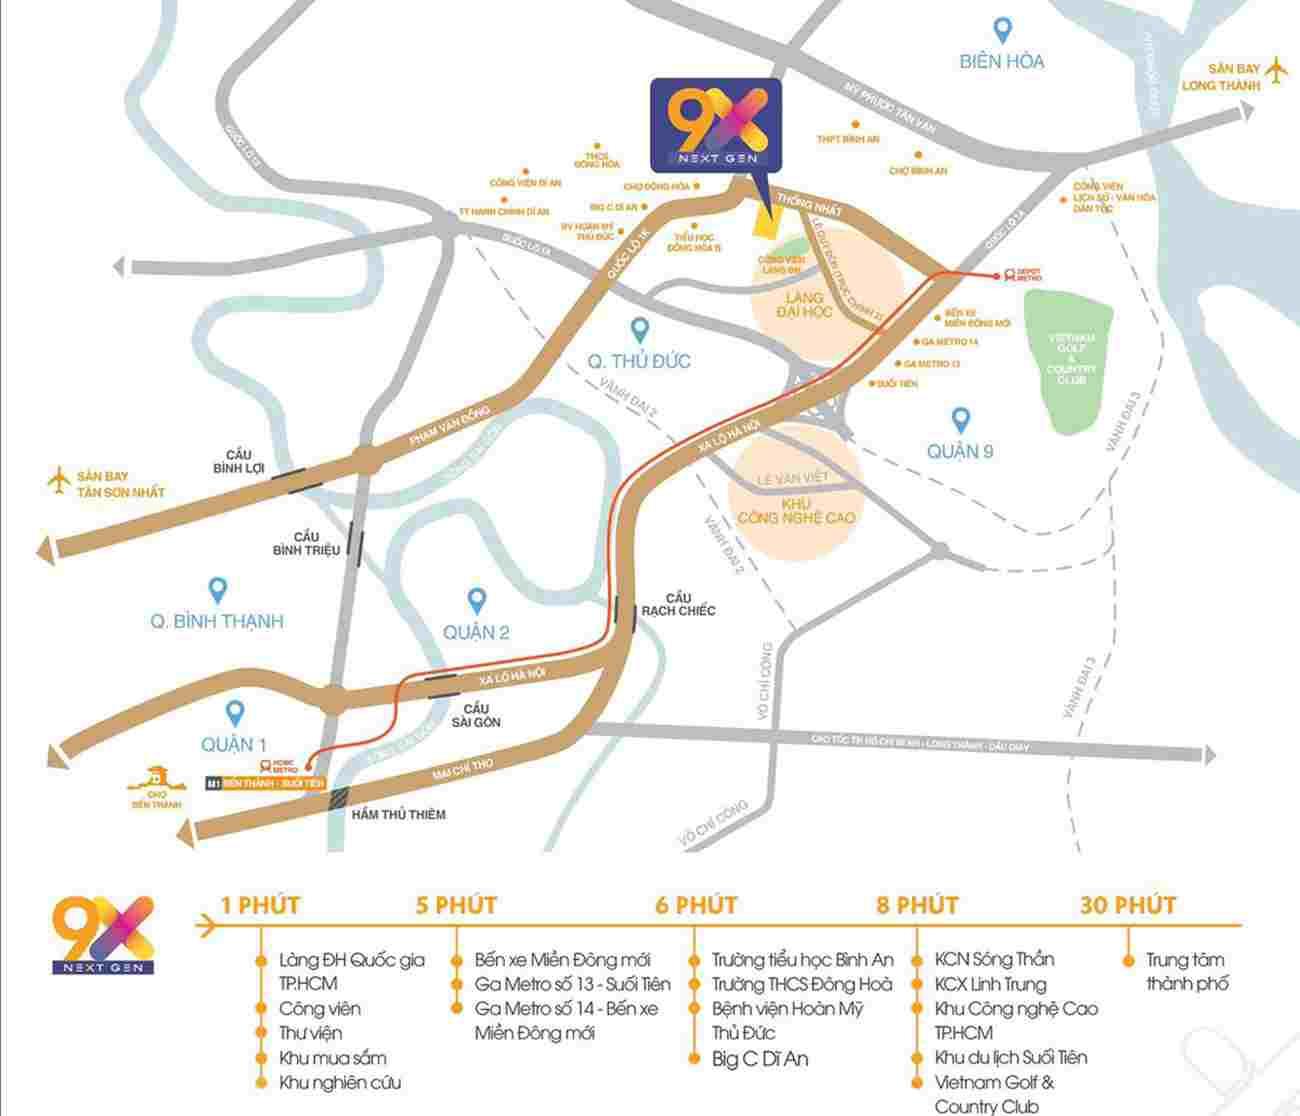 9x Next Gen Hưng Thịnh Làng Đại Học - Dự án căn hộ Bình Dương - Vị trí